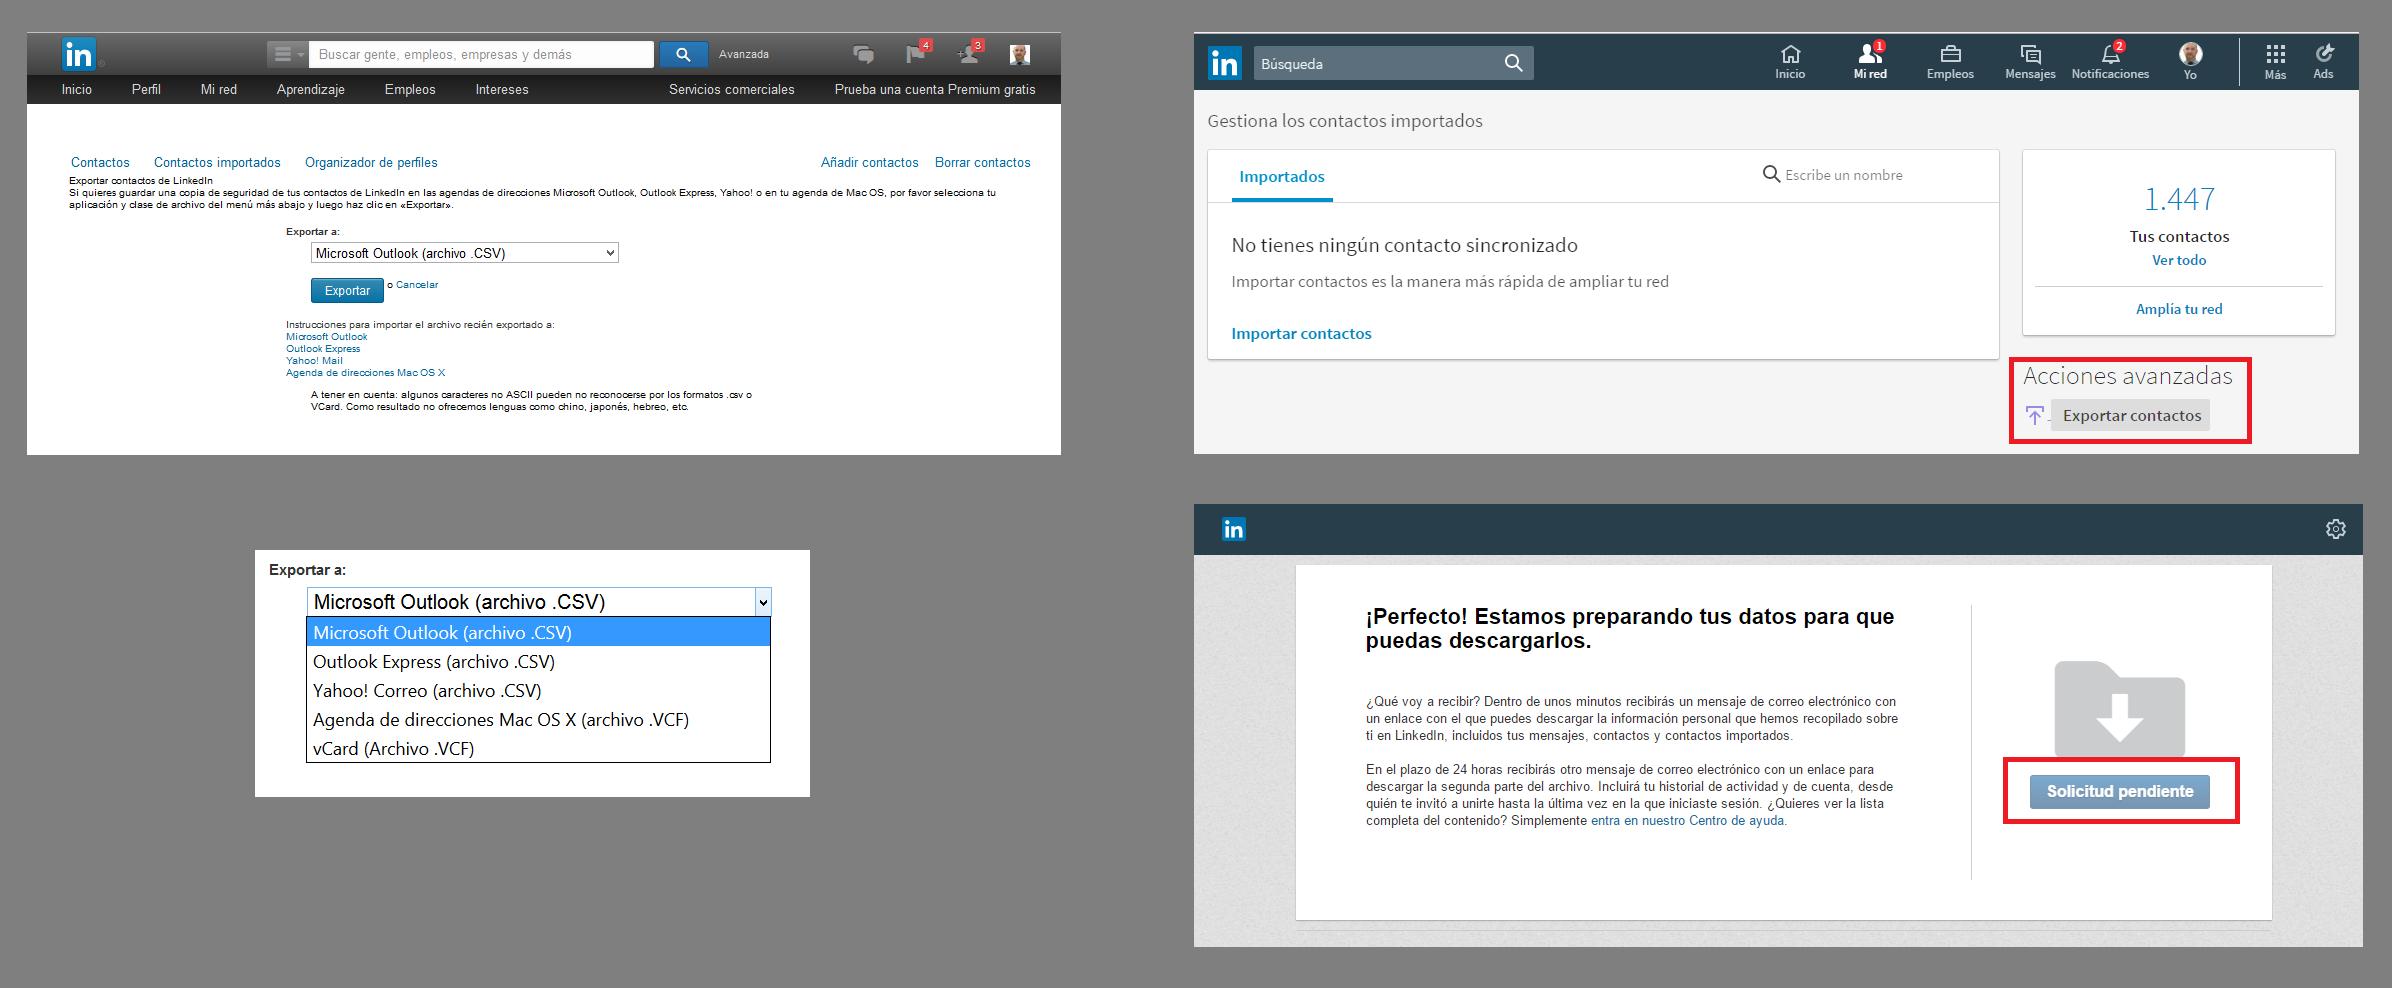 LinkedIn cambia su diseño y estas son algunas de sus novedades ...